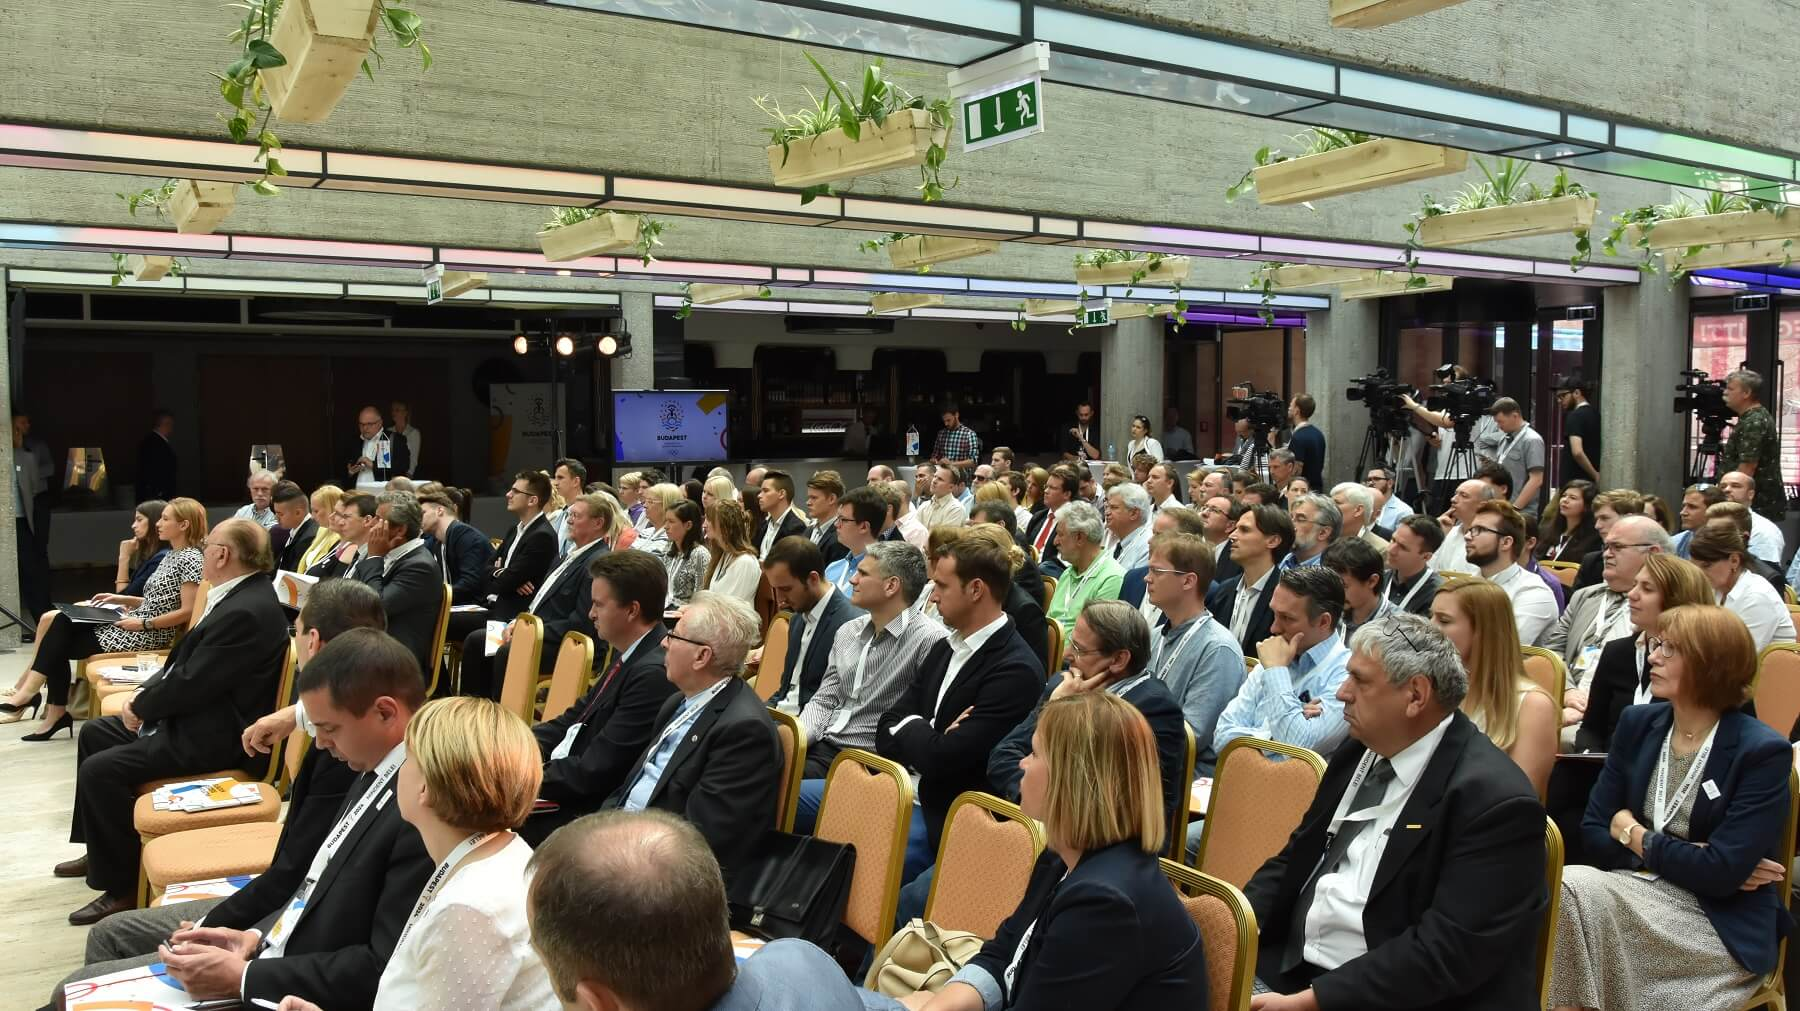 Így segítheti Budapest fejlődését a 2024-es olimpiarendezés